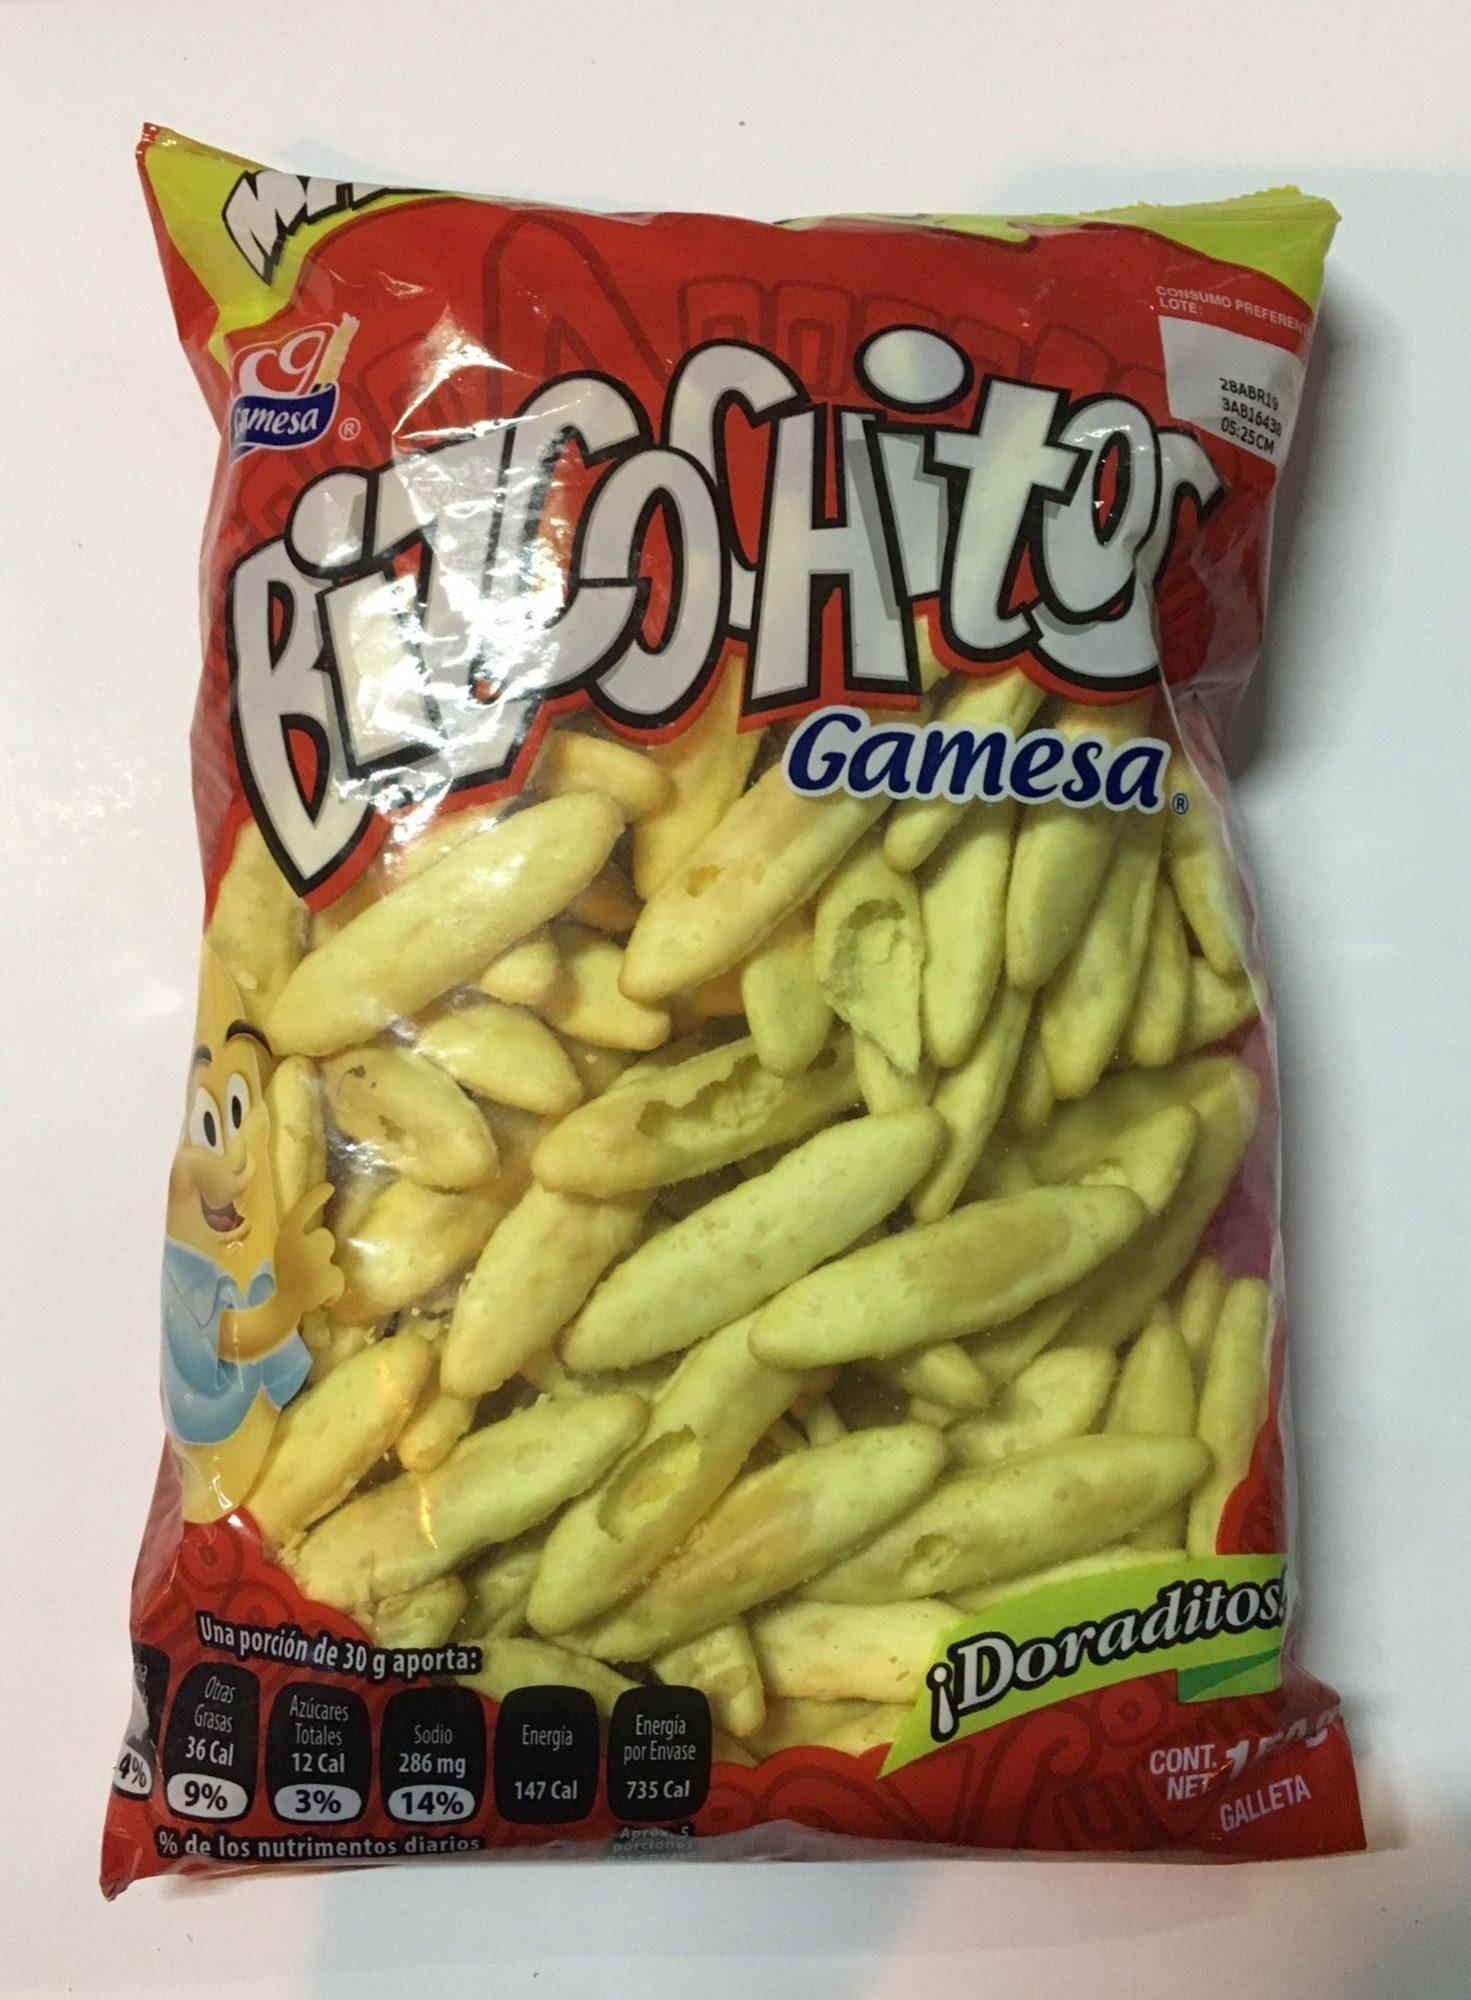 Bizcochitos Gamesa - Product - es